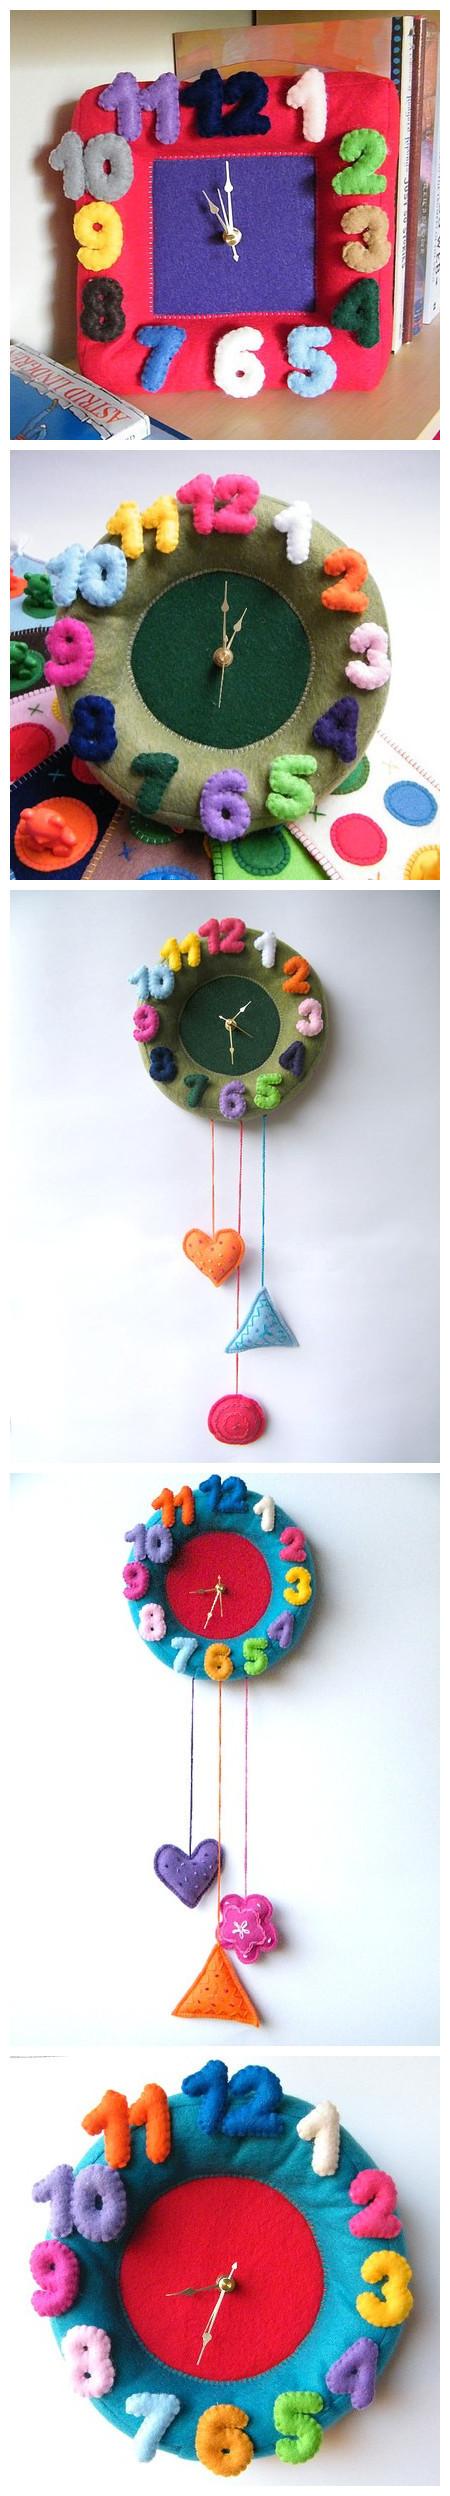 好可爱的表哦!